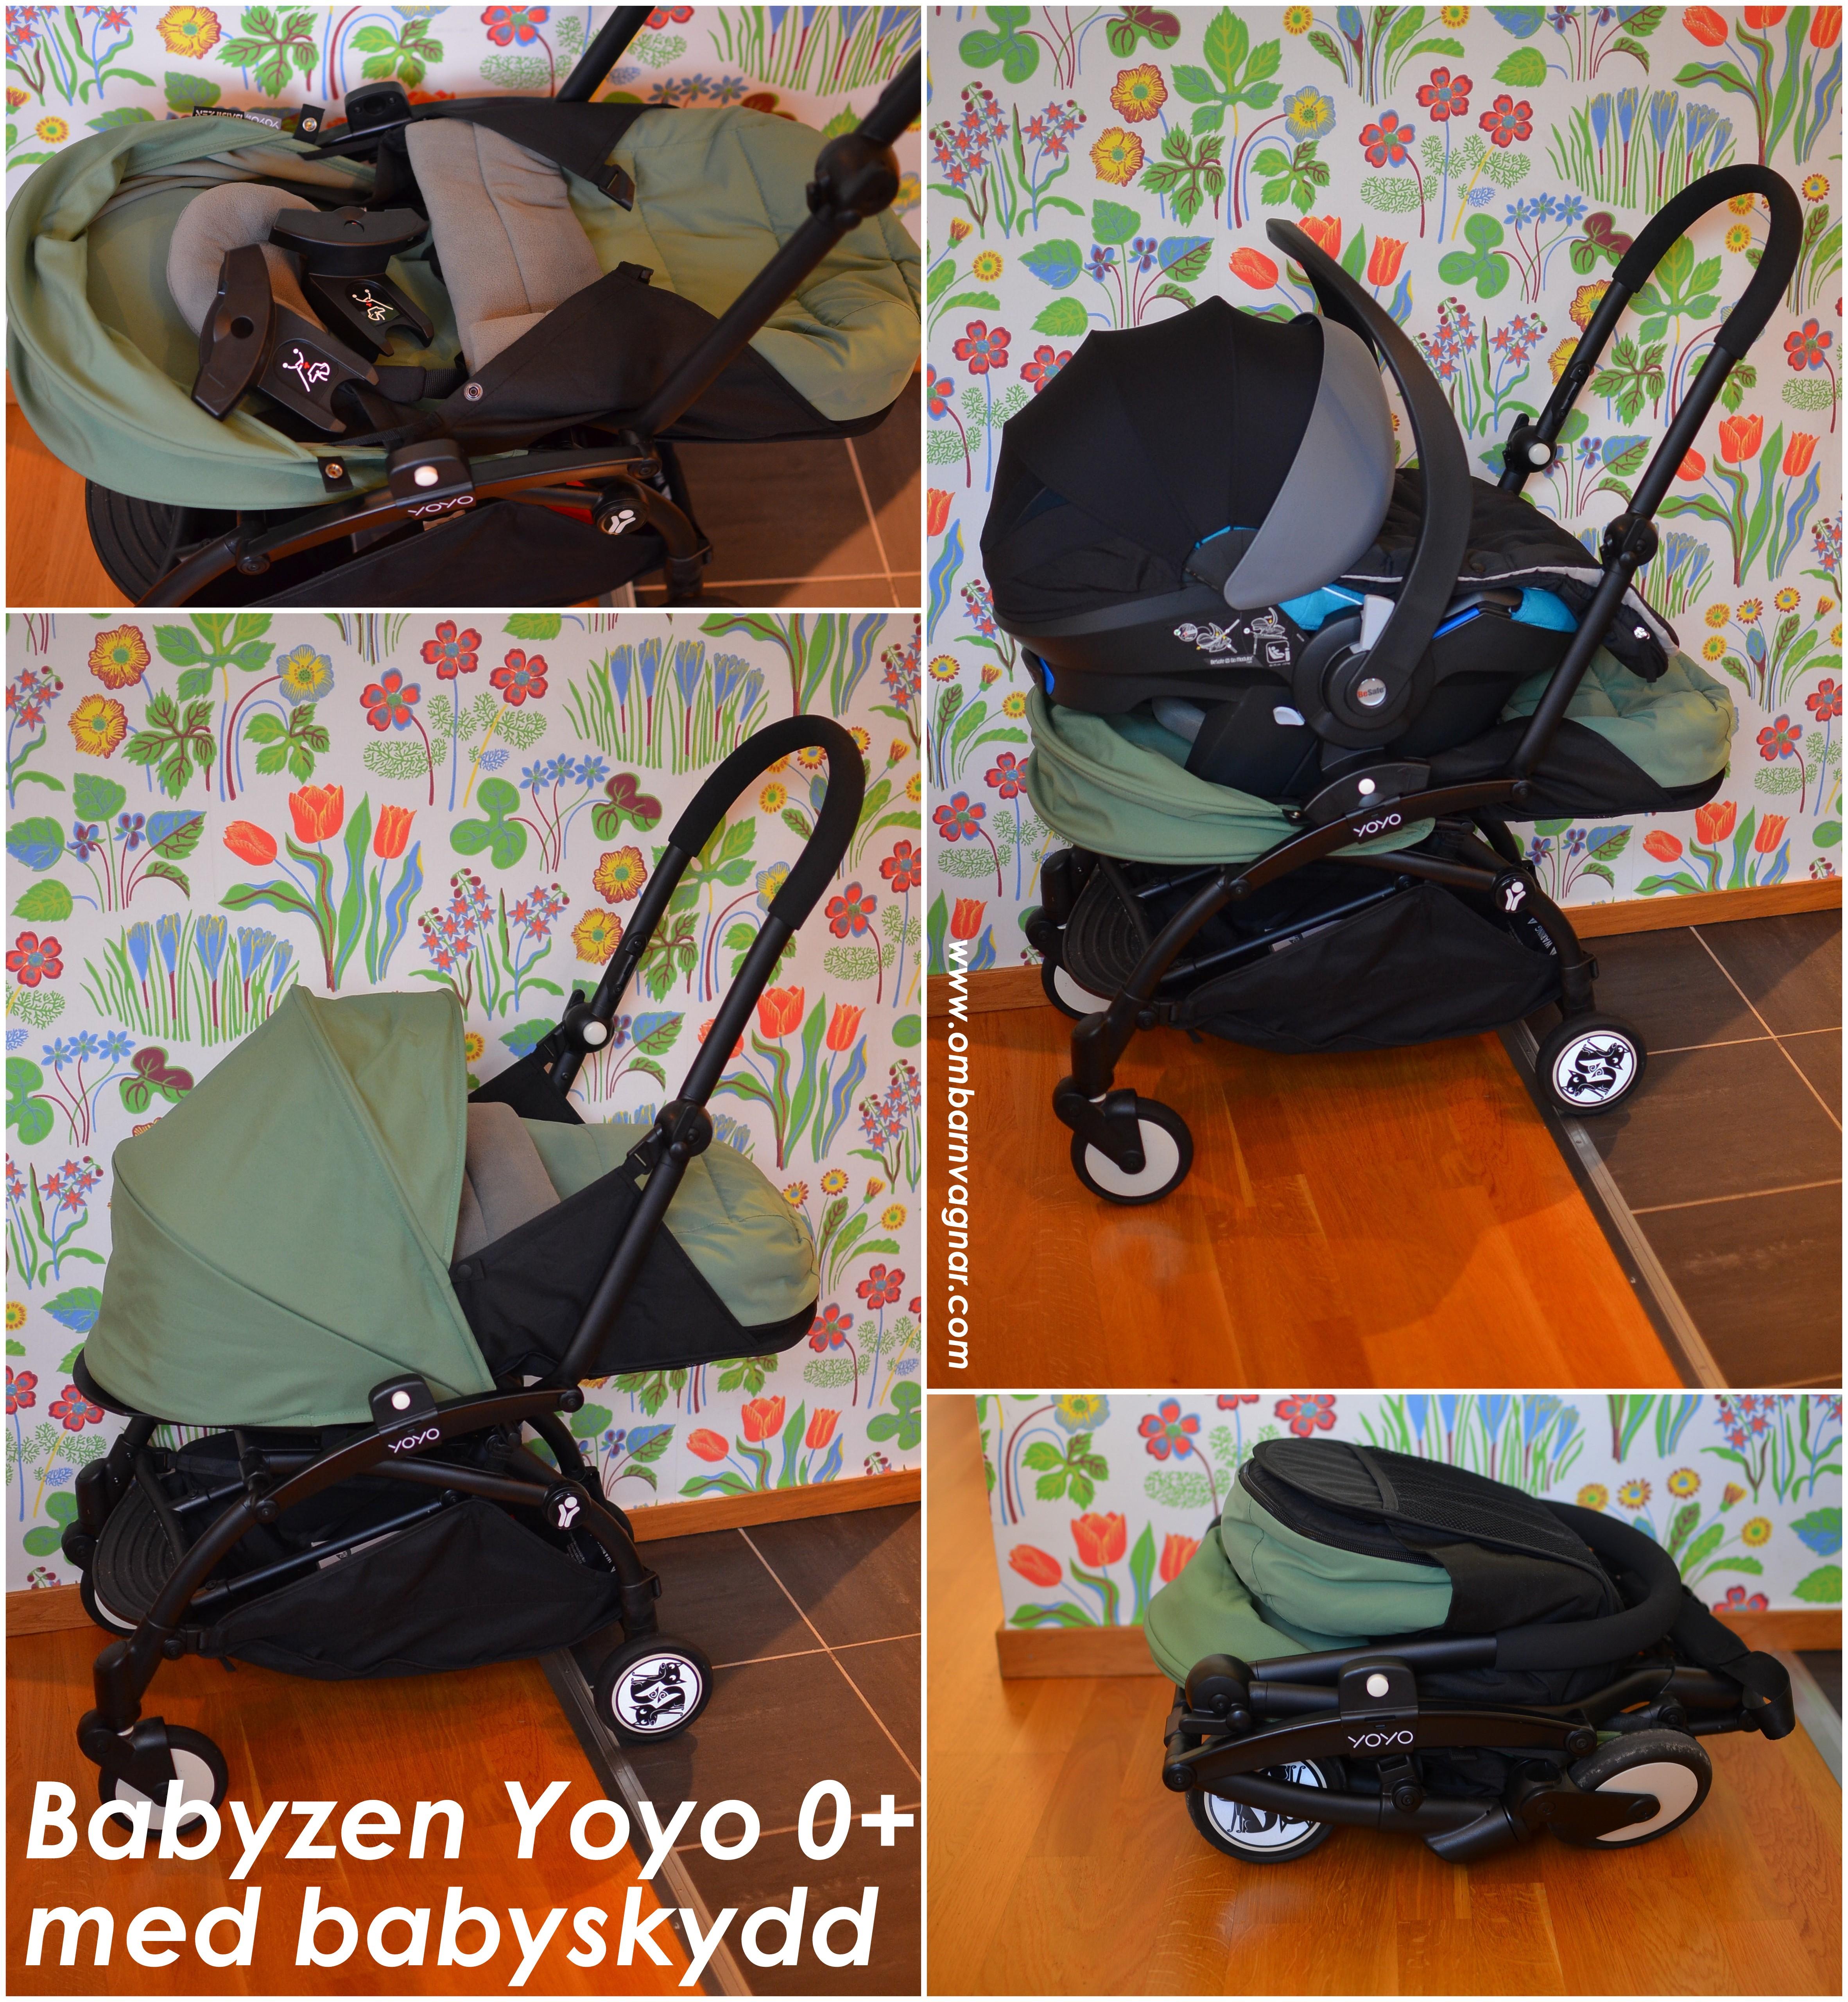 b65ba7f7a Babyzen Yoyo+ 0+ med liggdel och babyskydd - Allt Om Barnvagnar